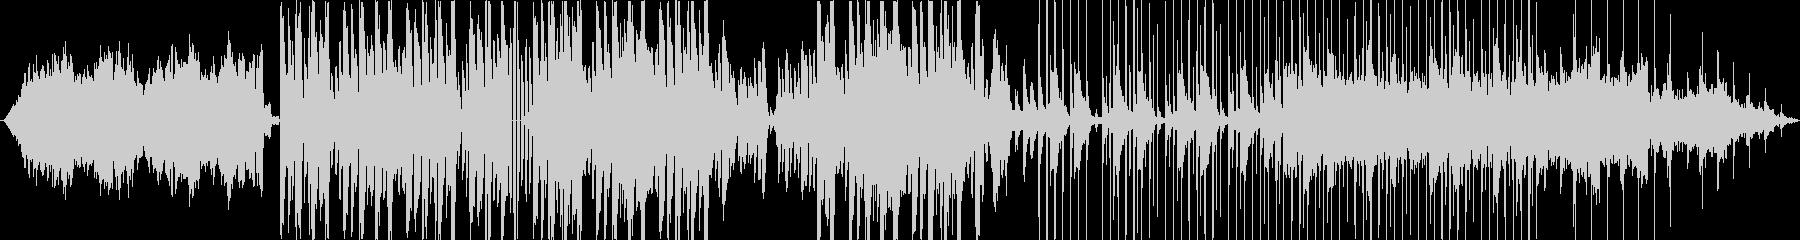 幻想的なシンセサイザーのBGMの未再生の波形